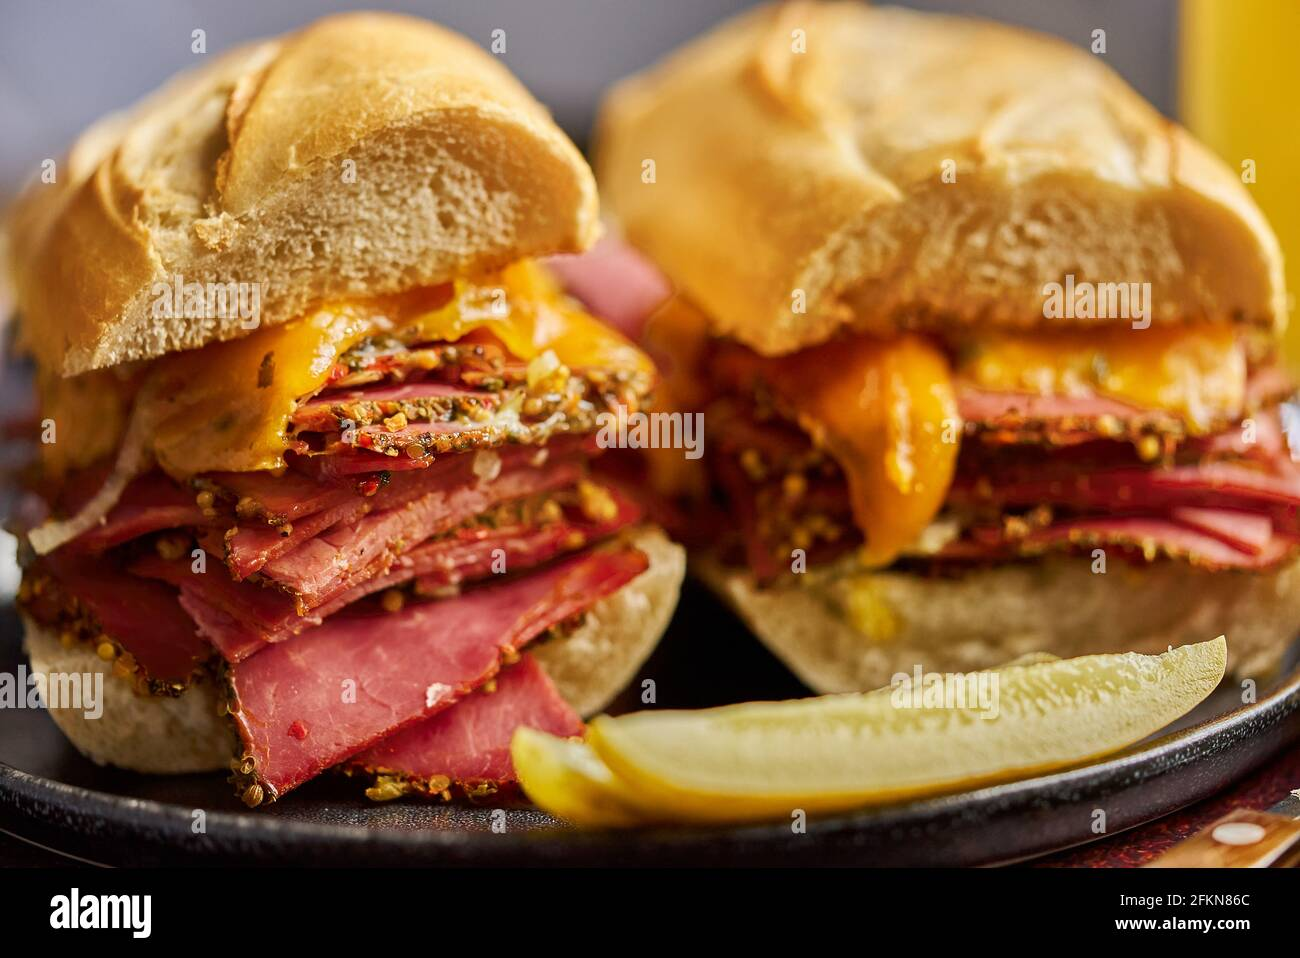 Deliciosos sándwiches de carne de pastami servidos con una copa de cerveza, encurtidos, patatas fritas y guarniciones. Foto de stock